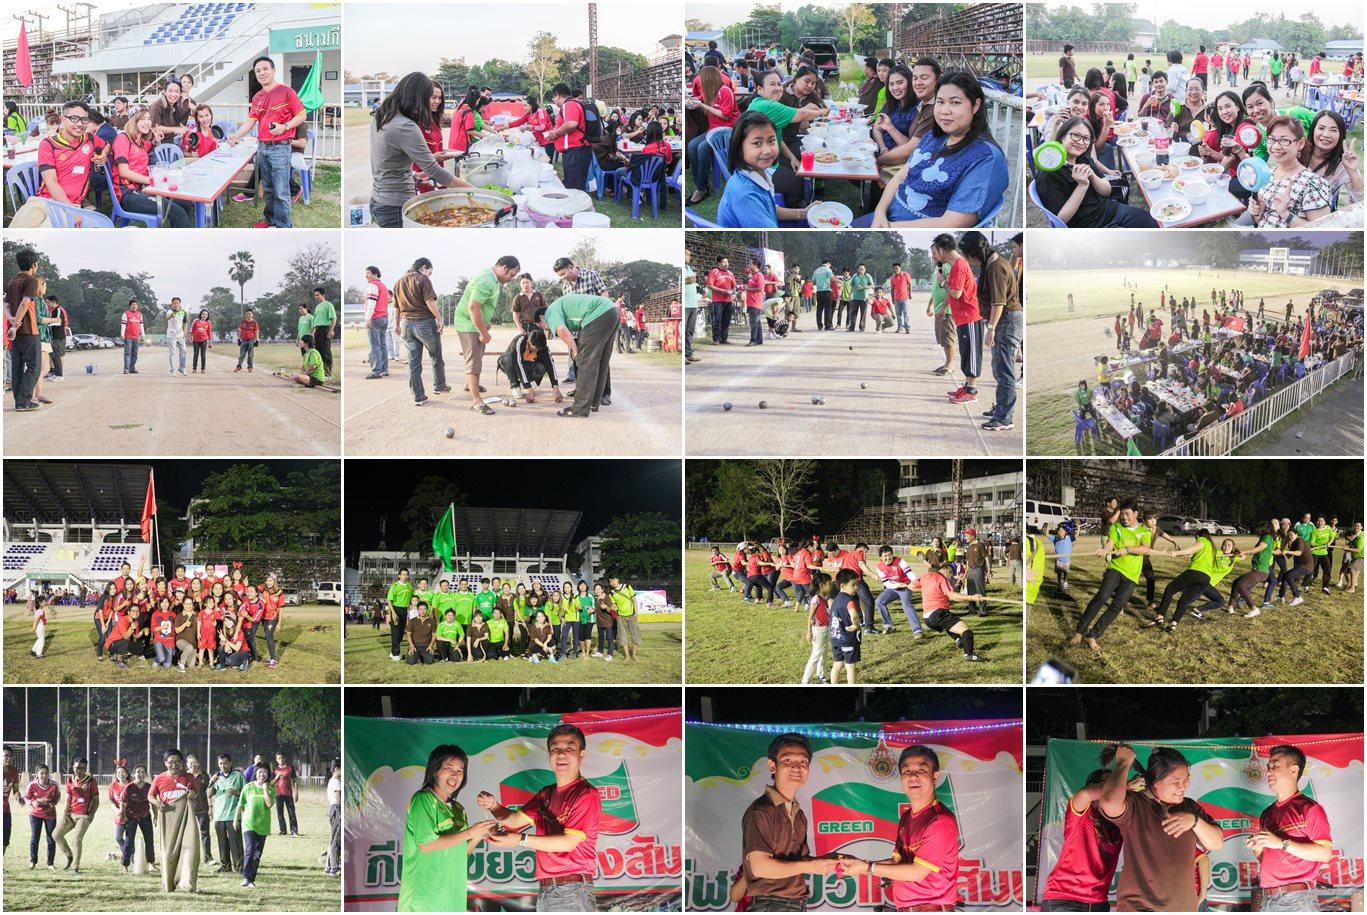 กีฬาเขียวแดงสัมพันธ์ ประจำปี 2559